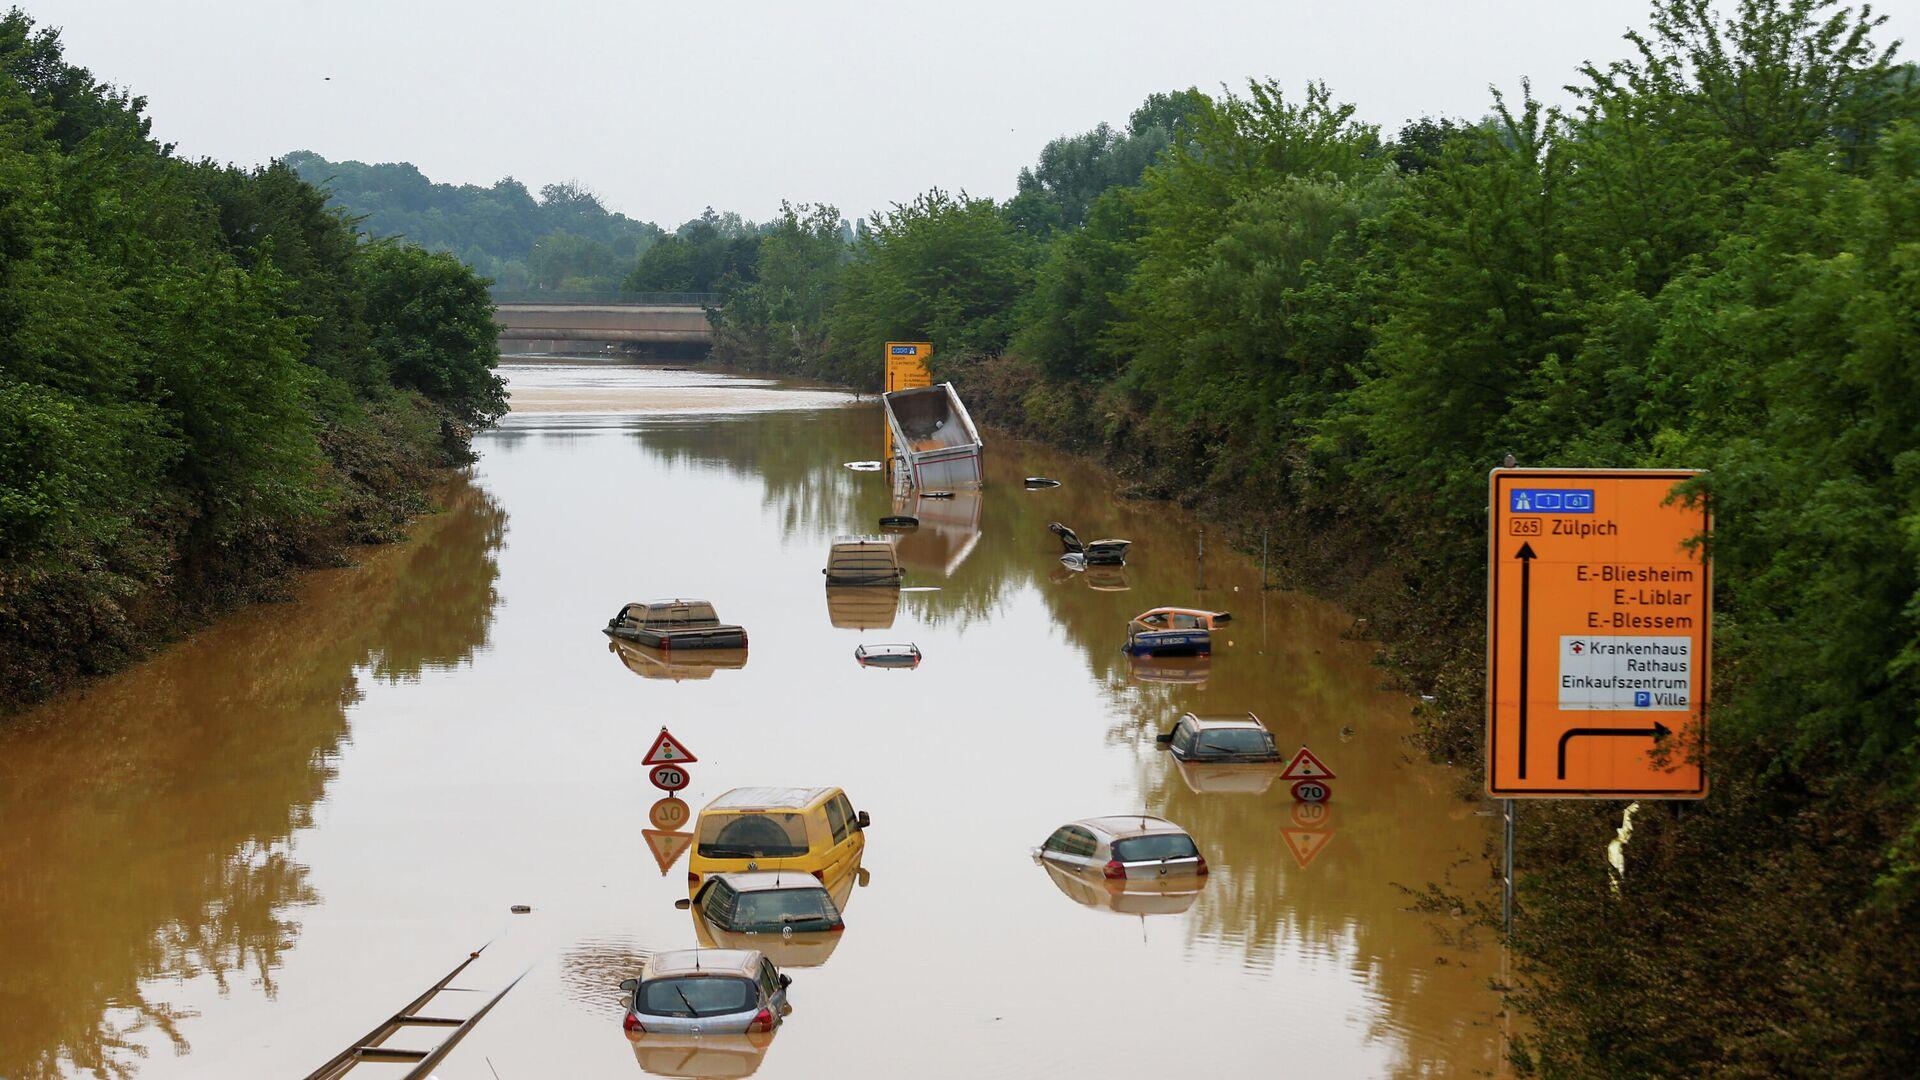 Последствия наводнения в городе Эрфтштадт-Блессем, Германия. 17 июля 2021 - РИА Новости, 1920, 17.07.2021